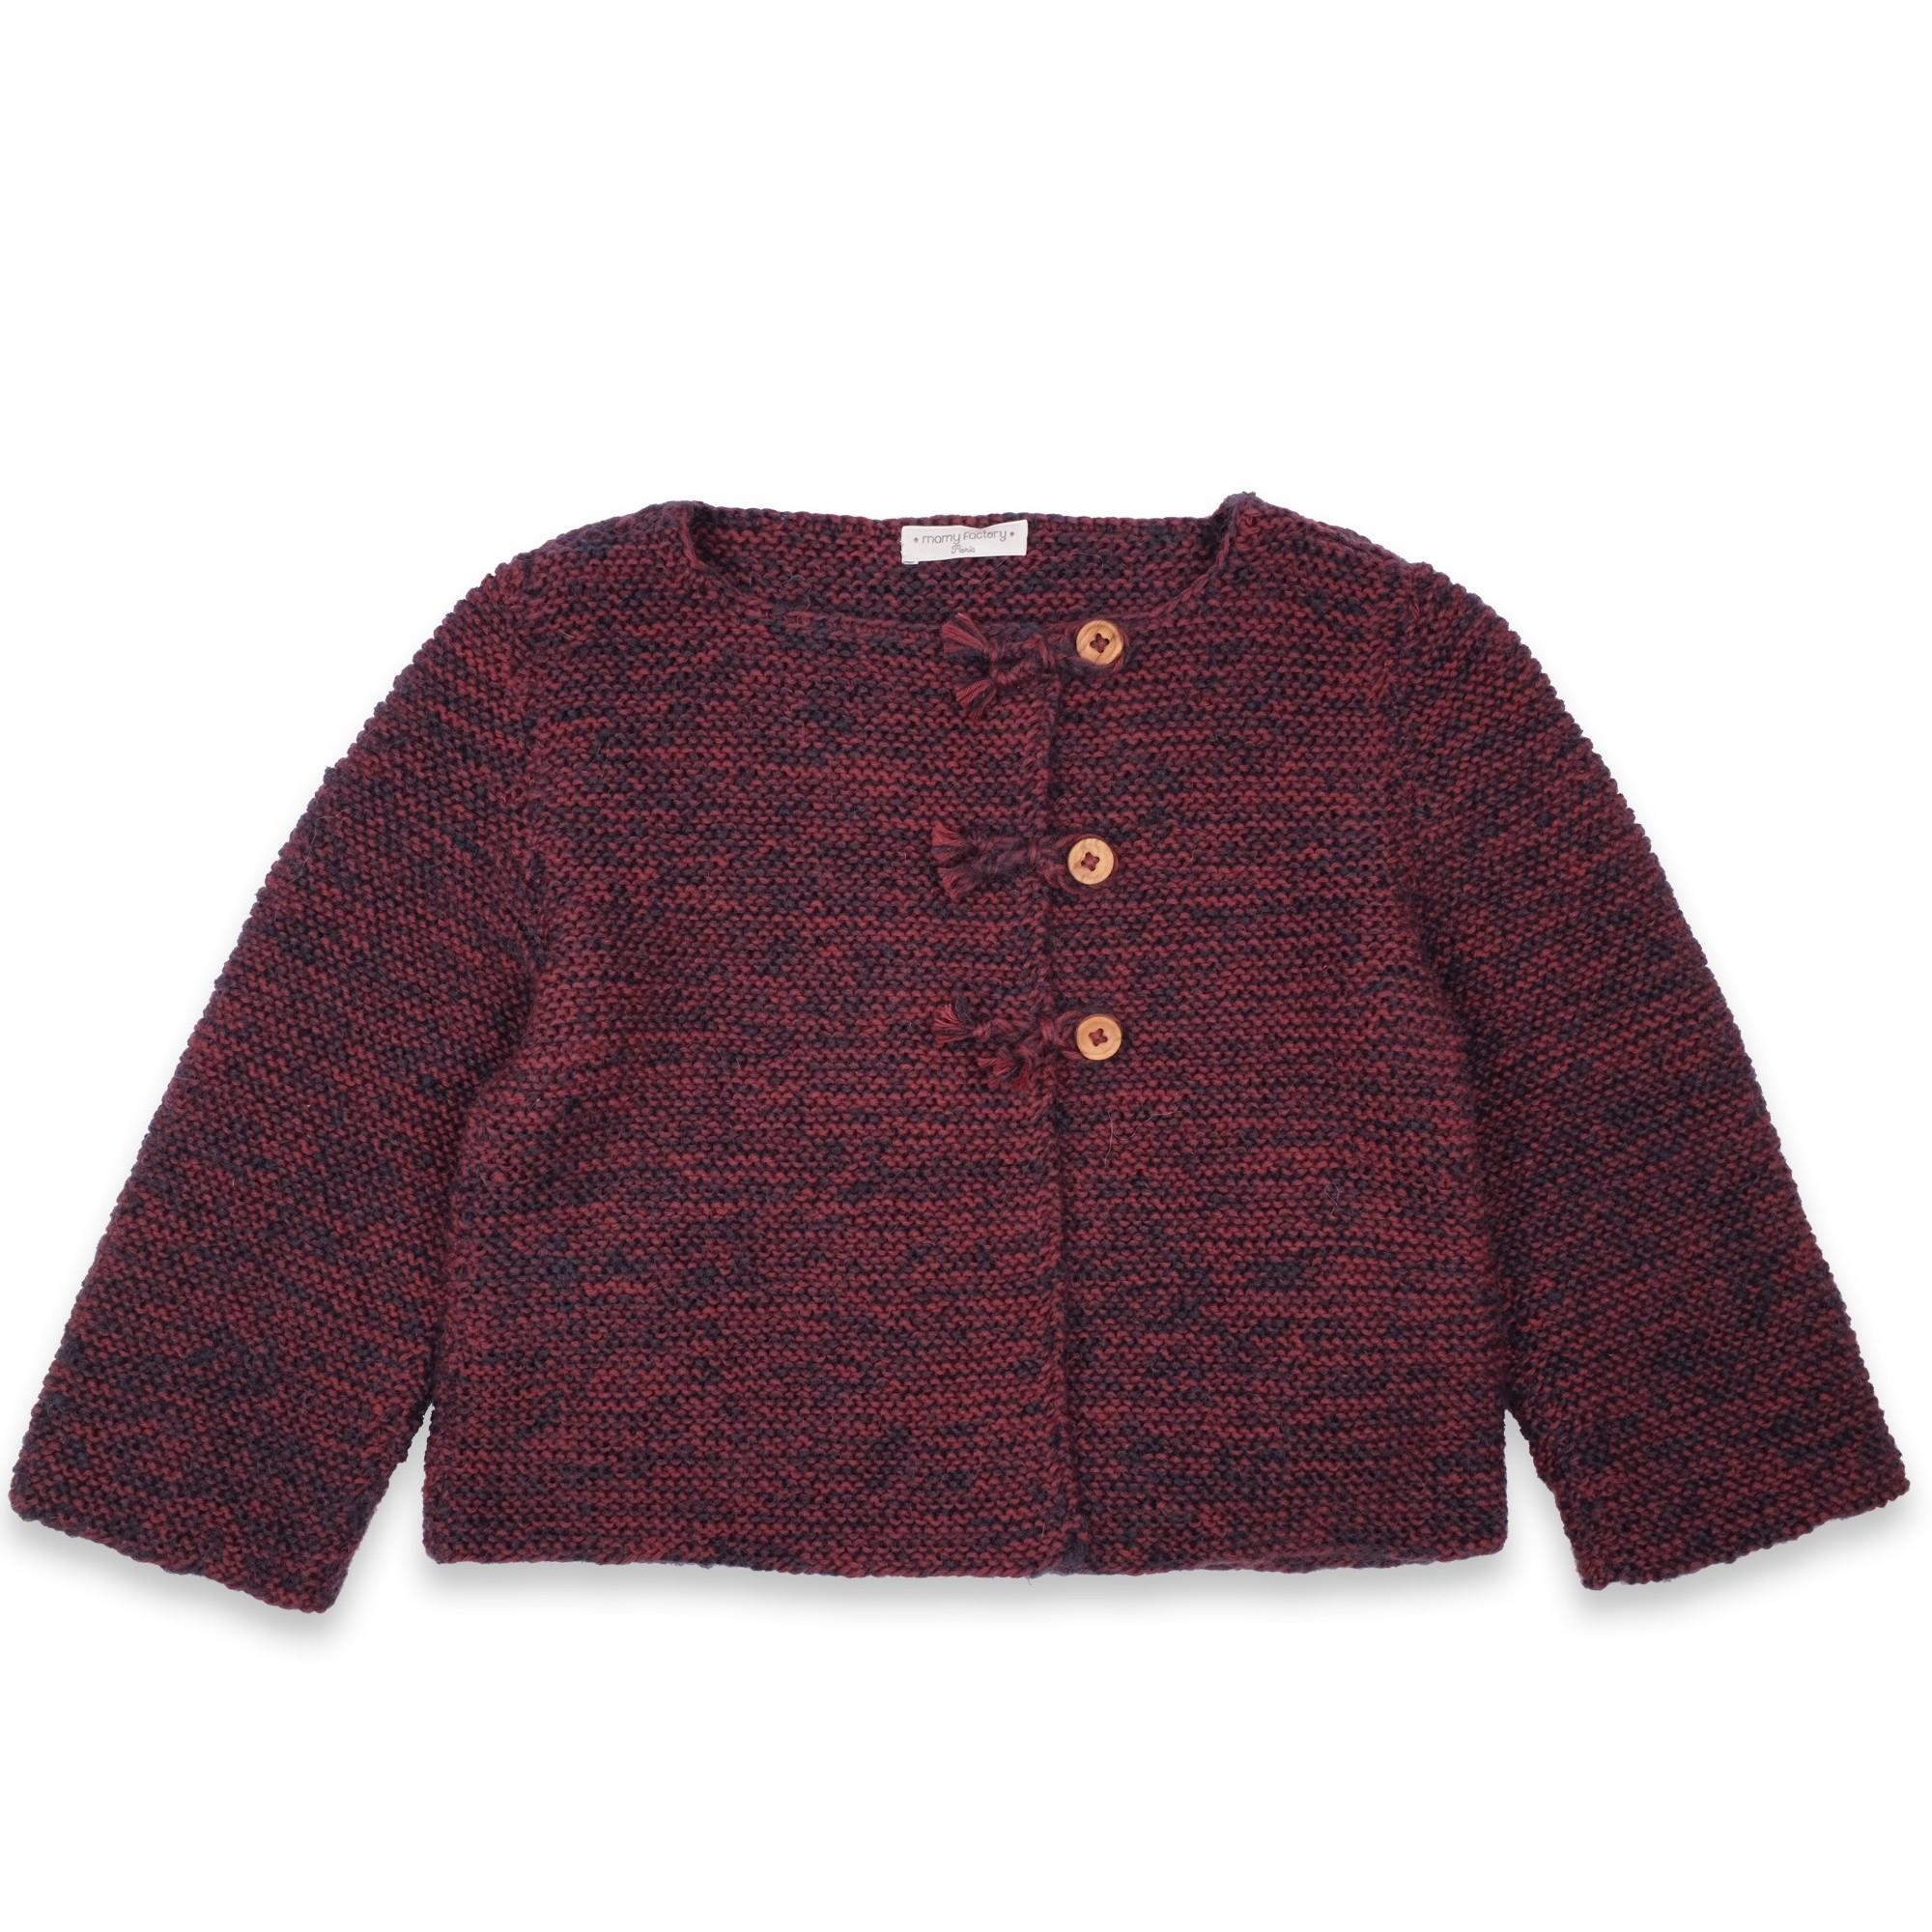 les tricots de mamy gilet b b bordeaux chin tout en point mousse en laine et mohair mamy. Black Bedroom Furniture Sets. Home Design Ideas